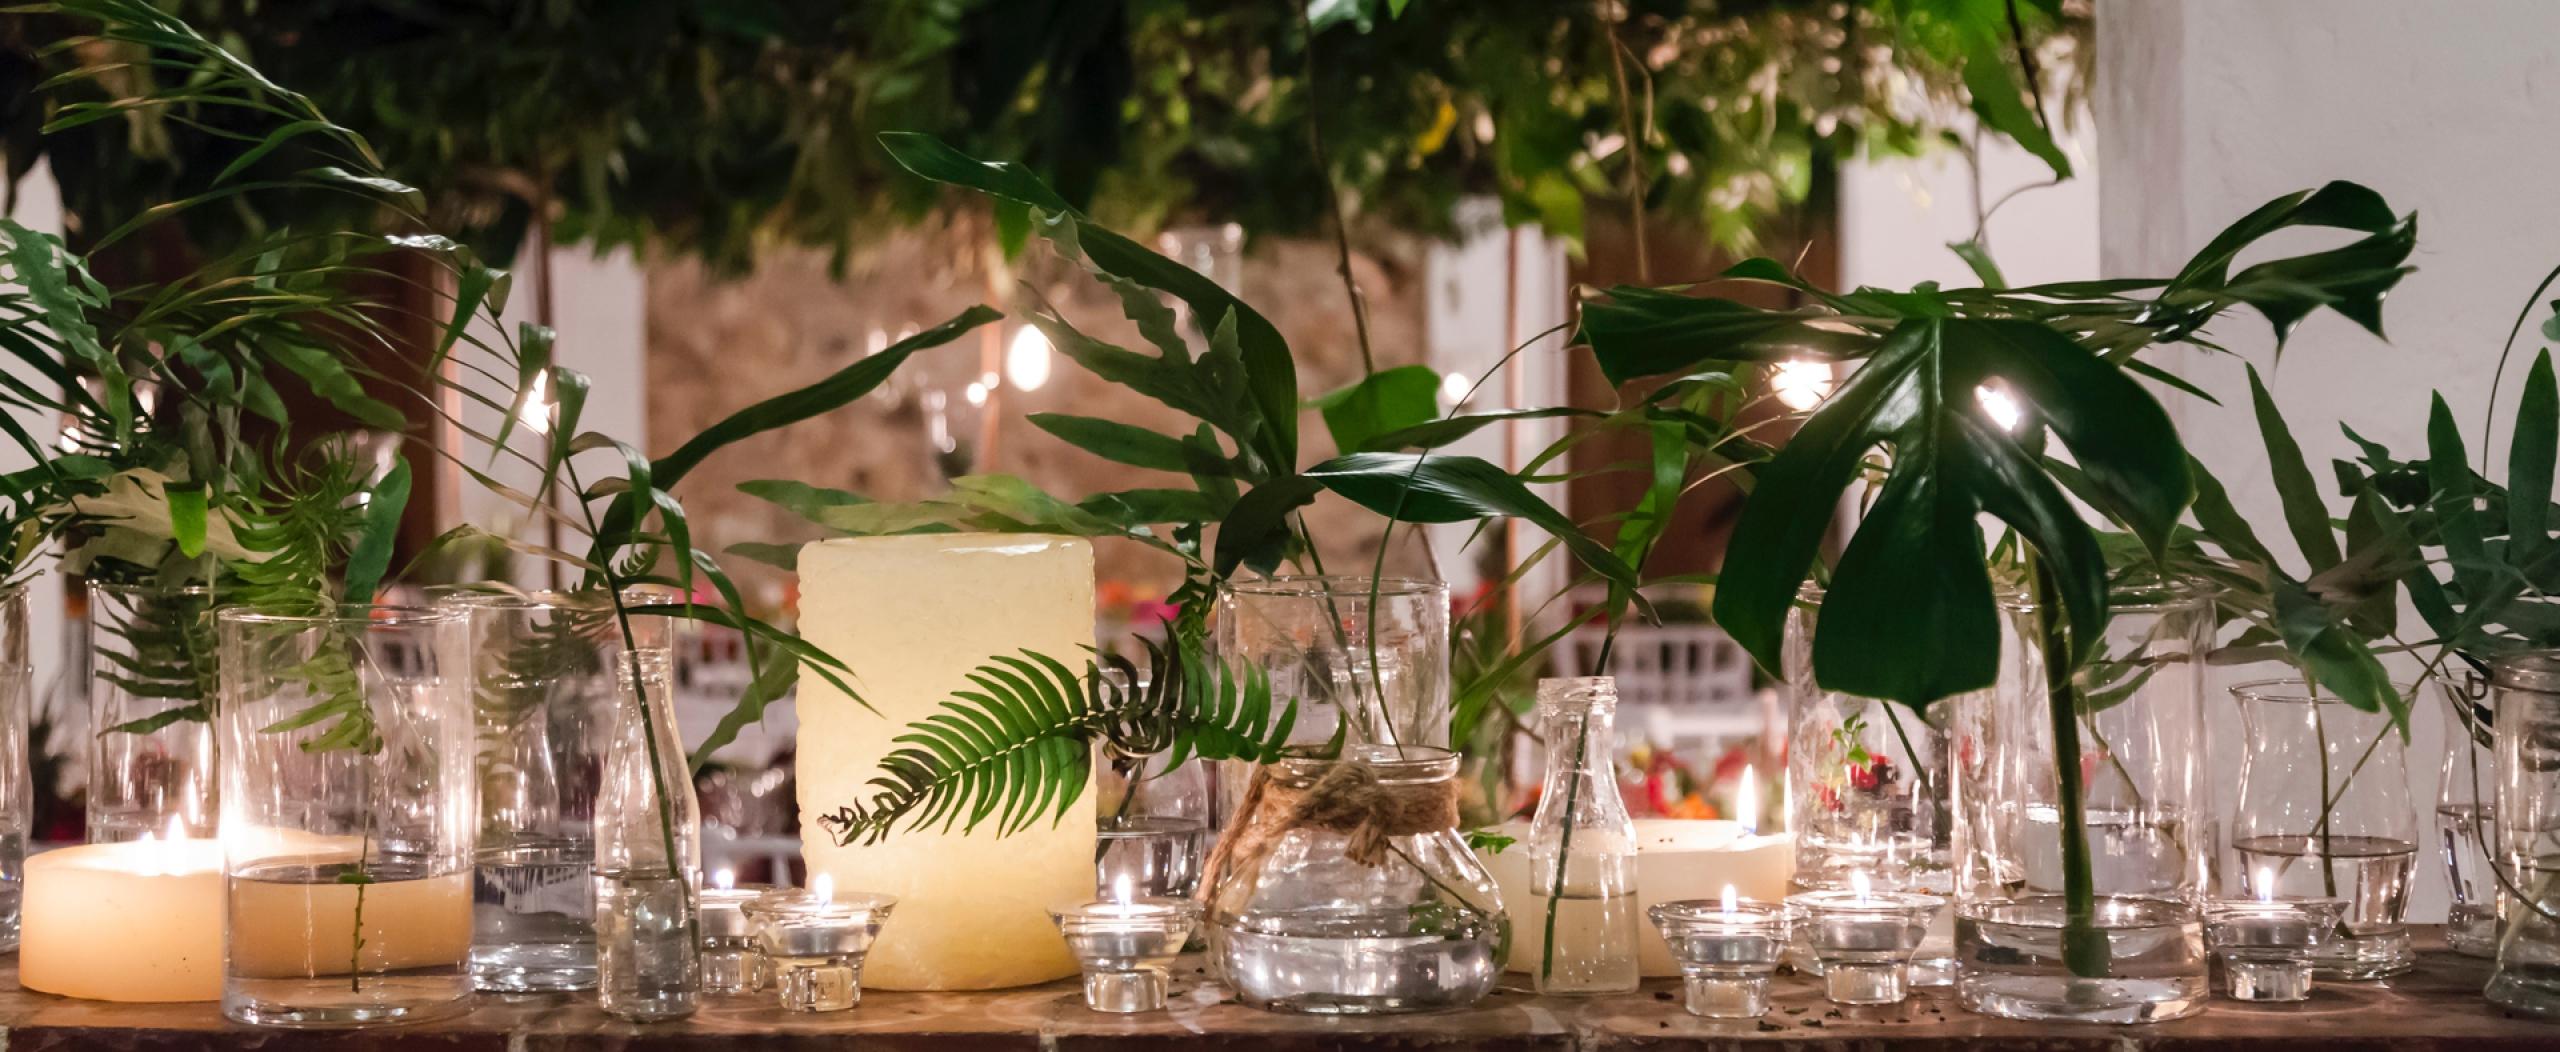 Floristeria en Boadilla del Monte. Bonsai Floristas. Decoración de fiestas privadas, presentaciones corporativas, grandes eventos....